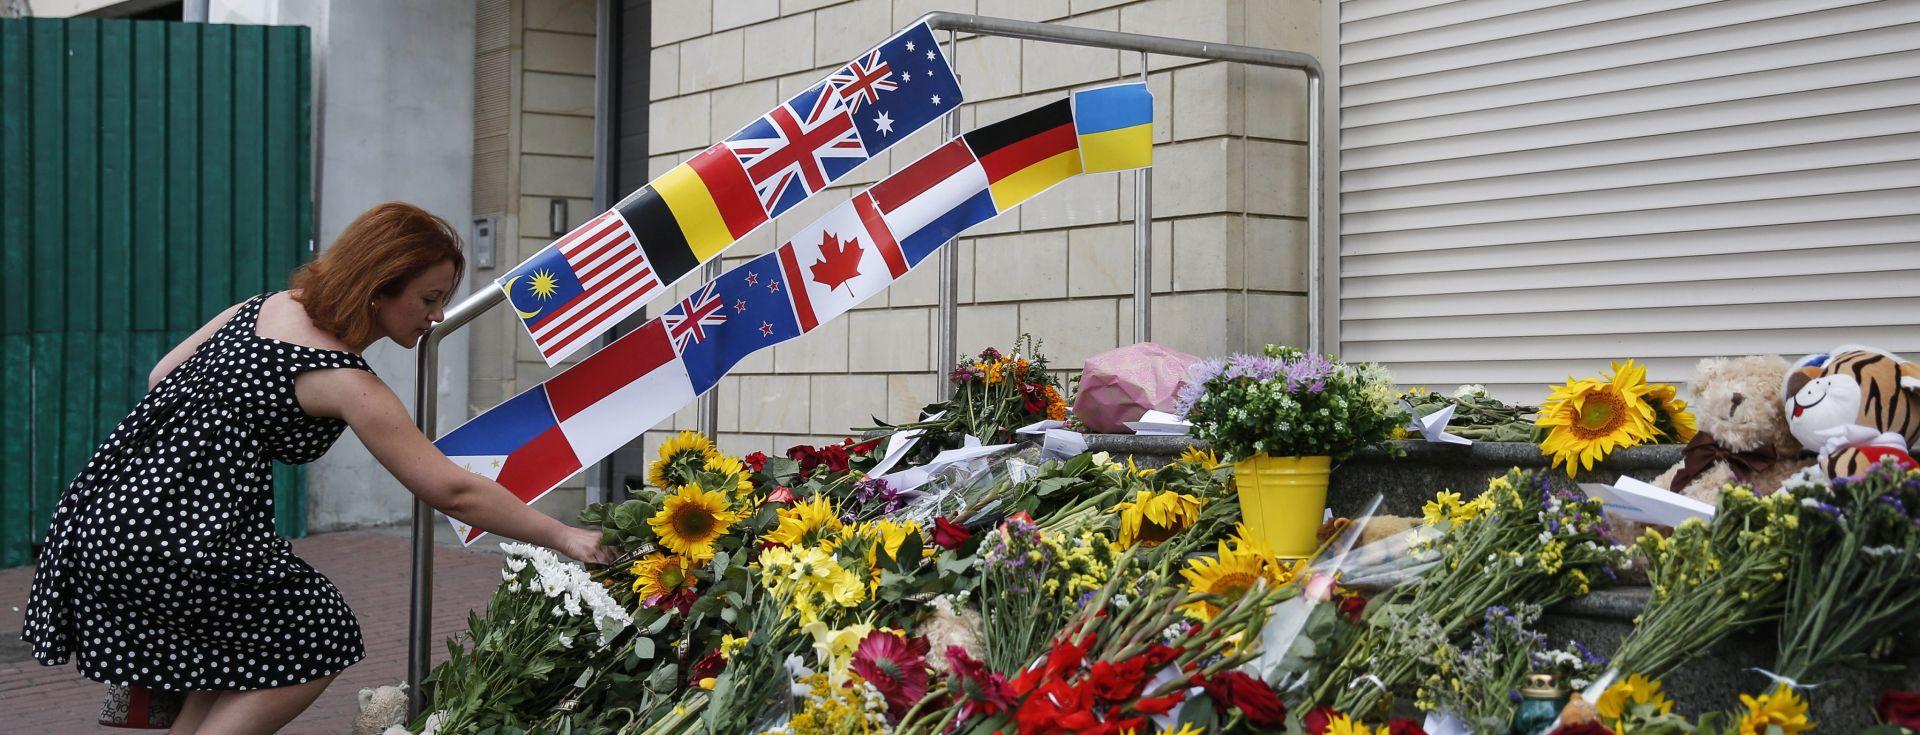 RUŠENJE PUTNIČKOG AVIONA : Rusija uložila veto na uspostavu posebnog suda za MH17